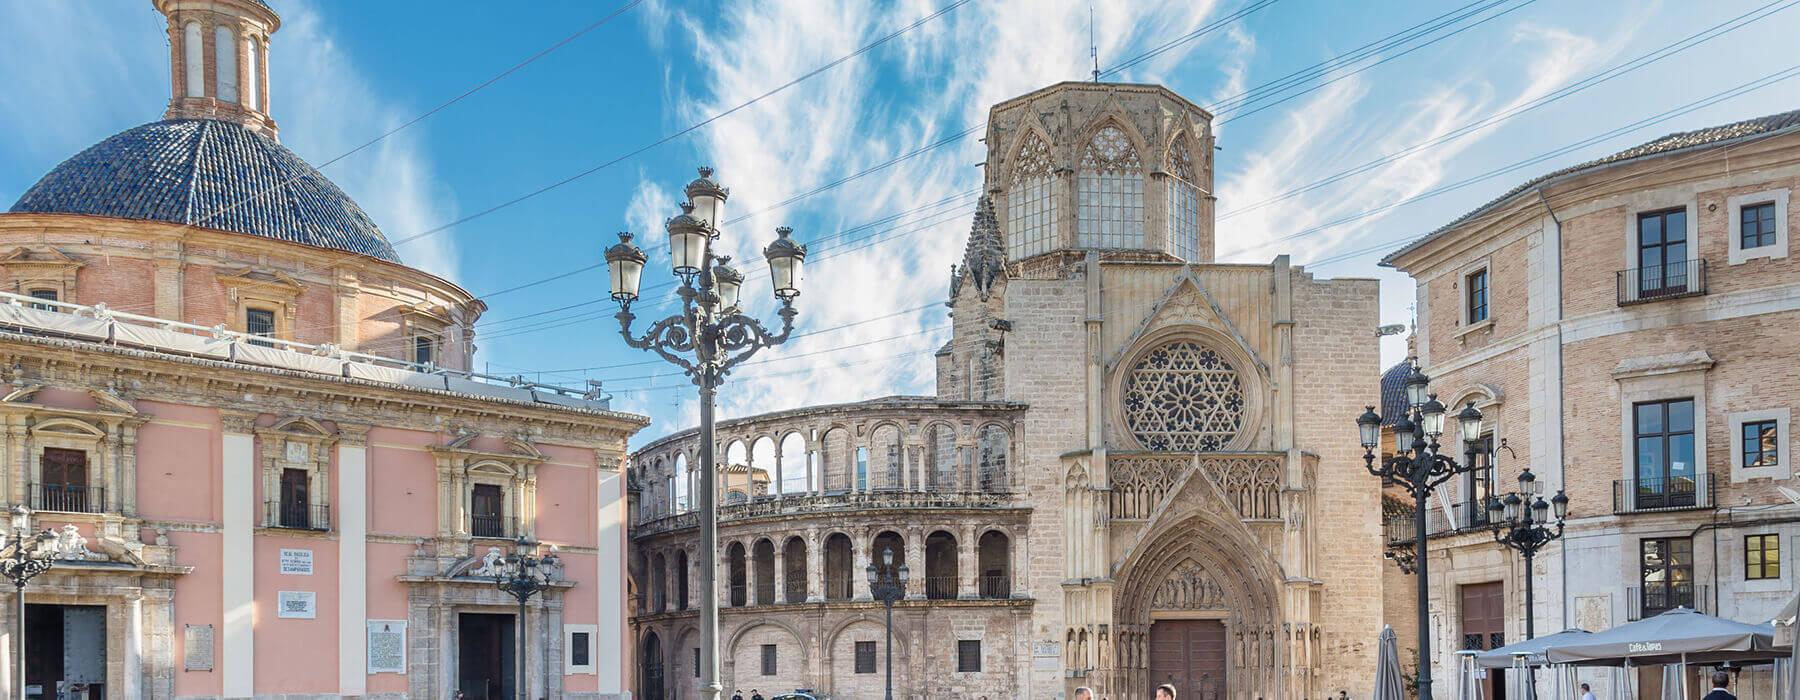 Resultado de imagen de Valencia catedral